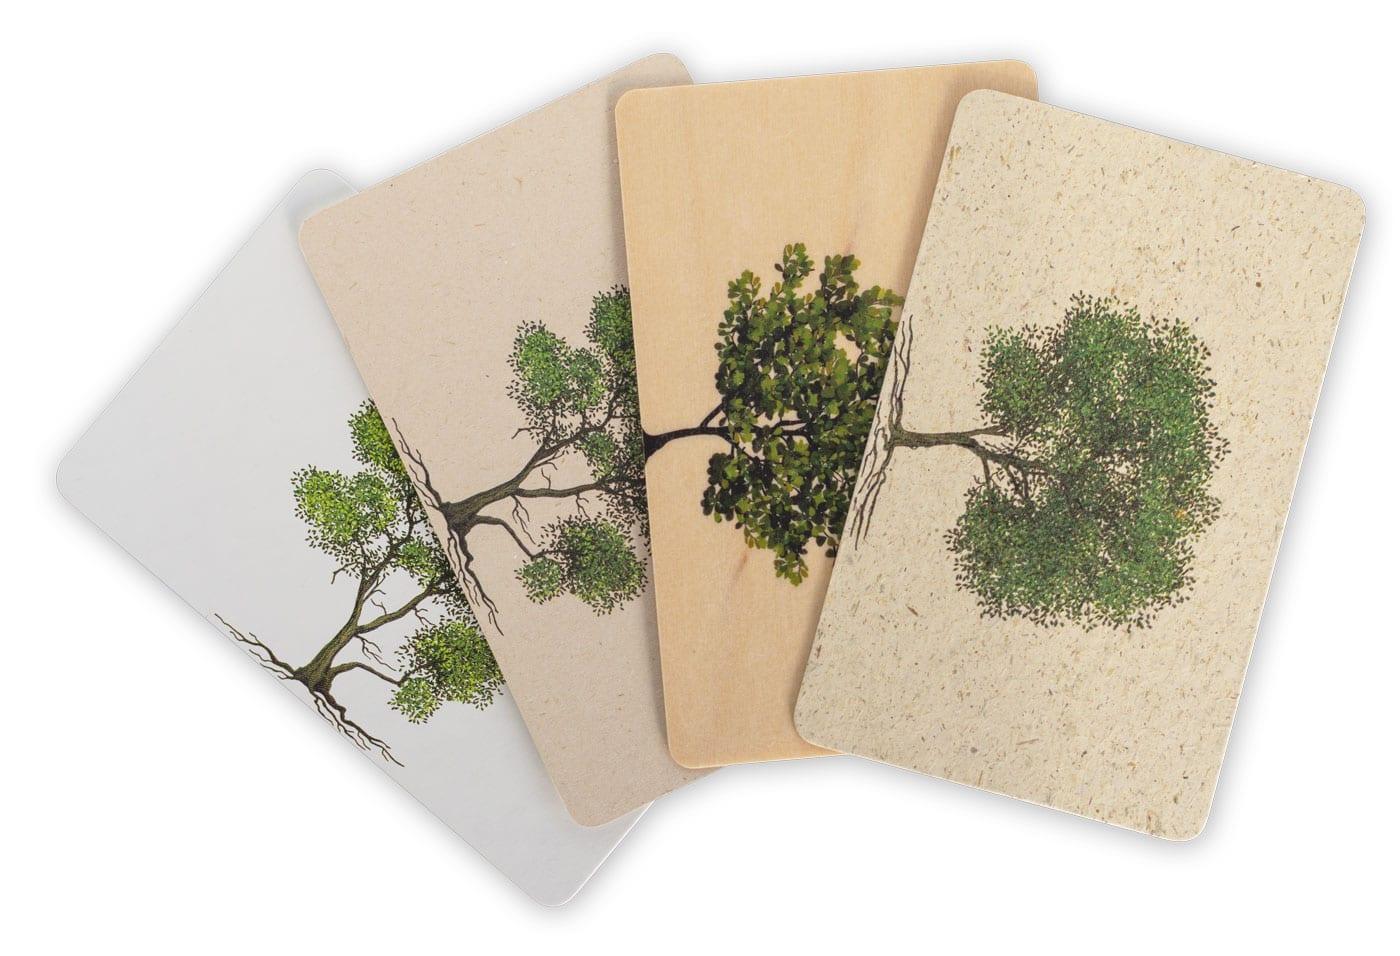 Umweltfreundliche Karten - exceet Card Group